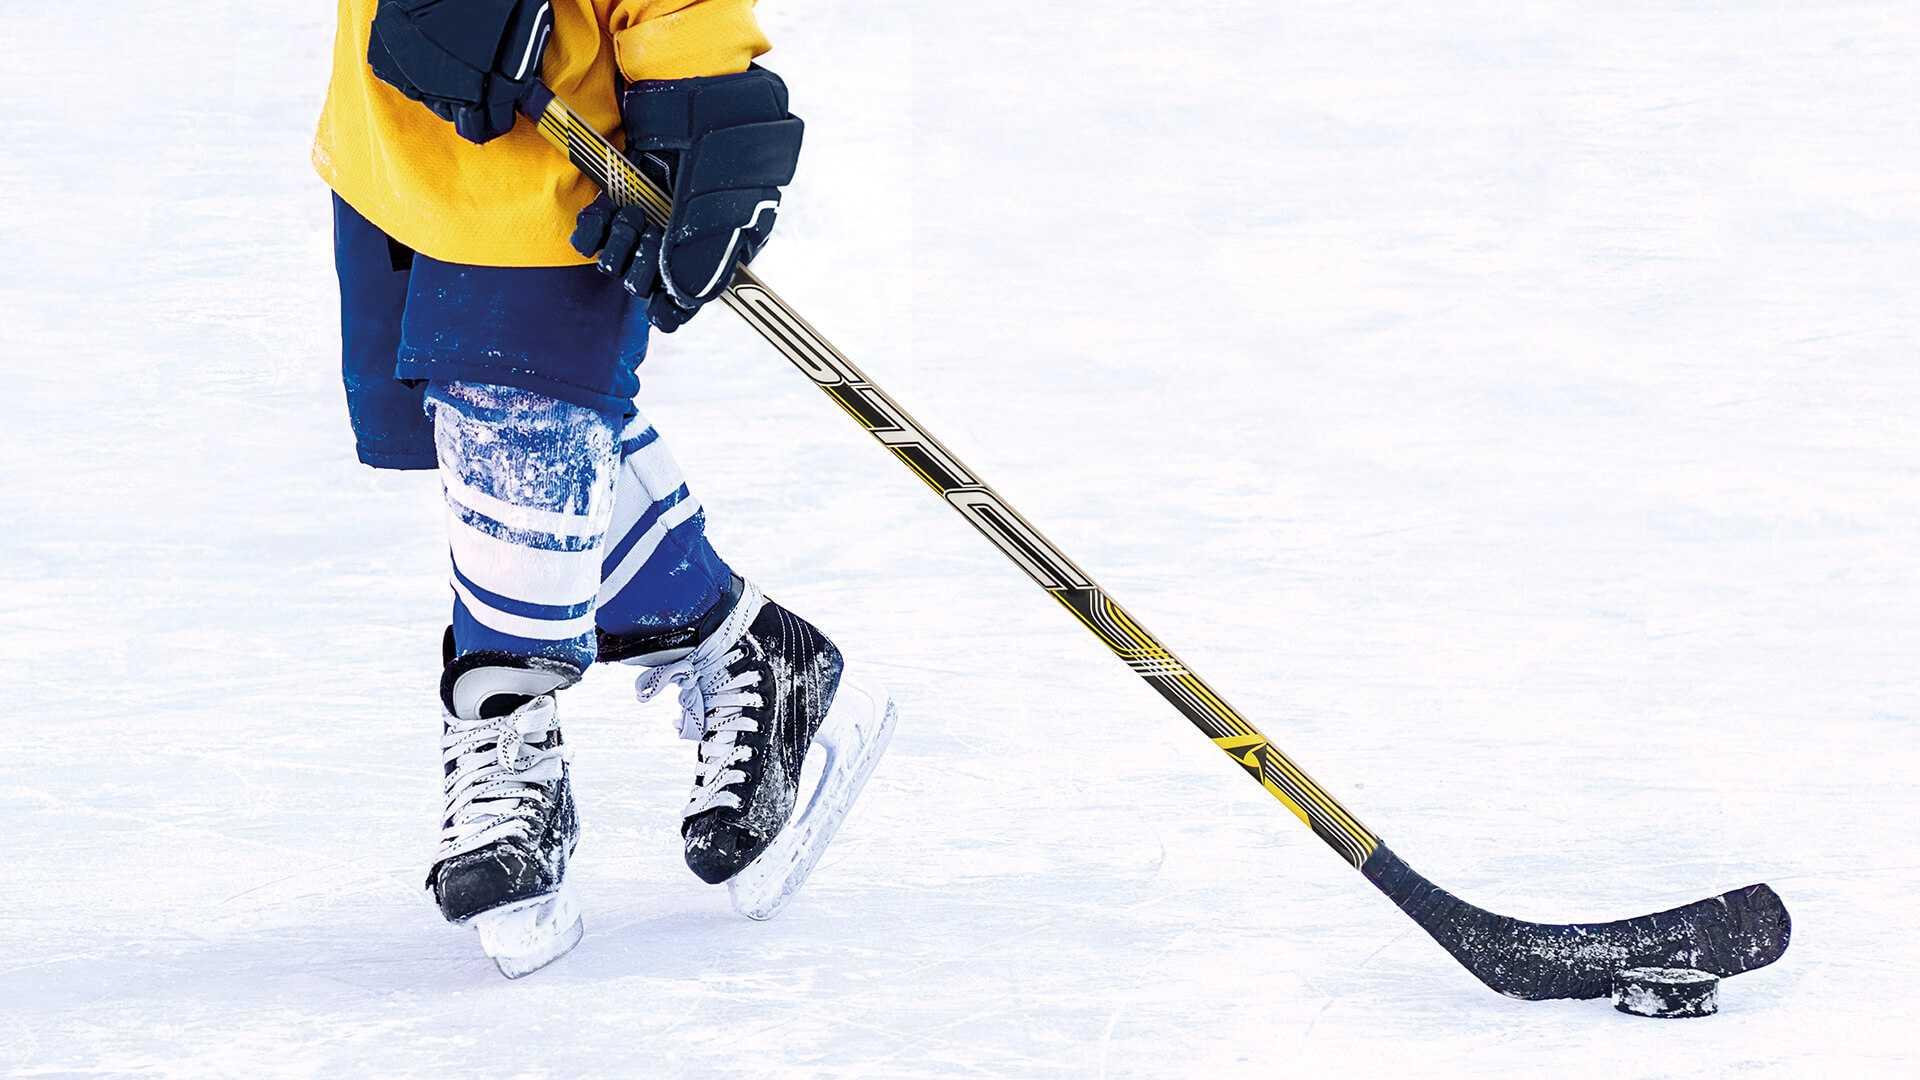 Рейтинг лучших хоккейных клюшек на 2020 год с достоинствами и недостатками.